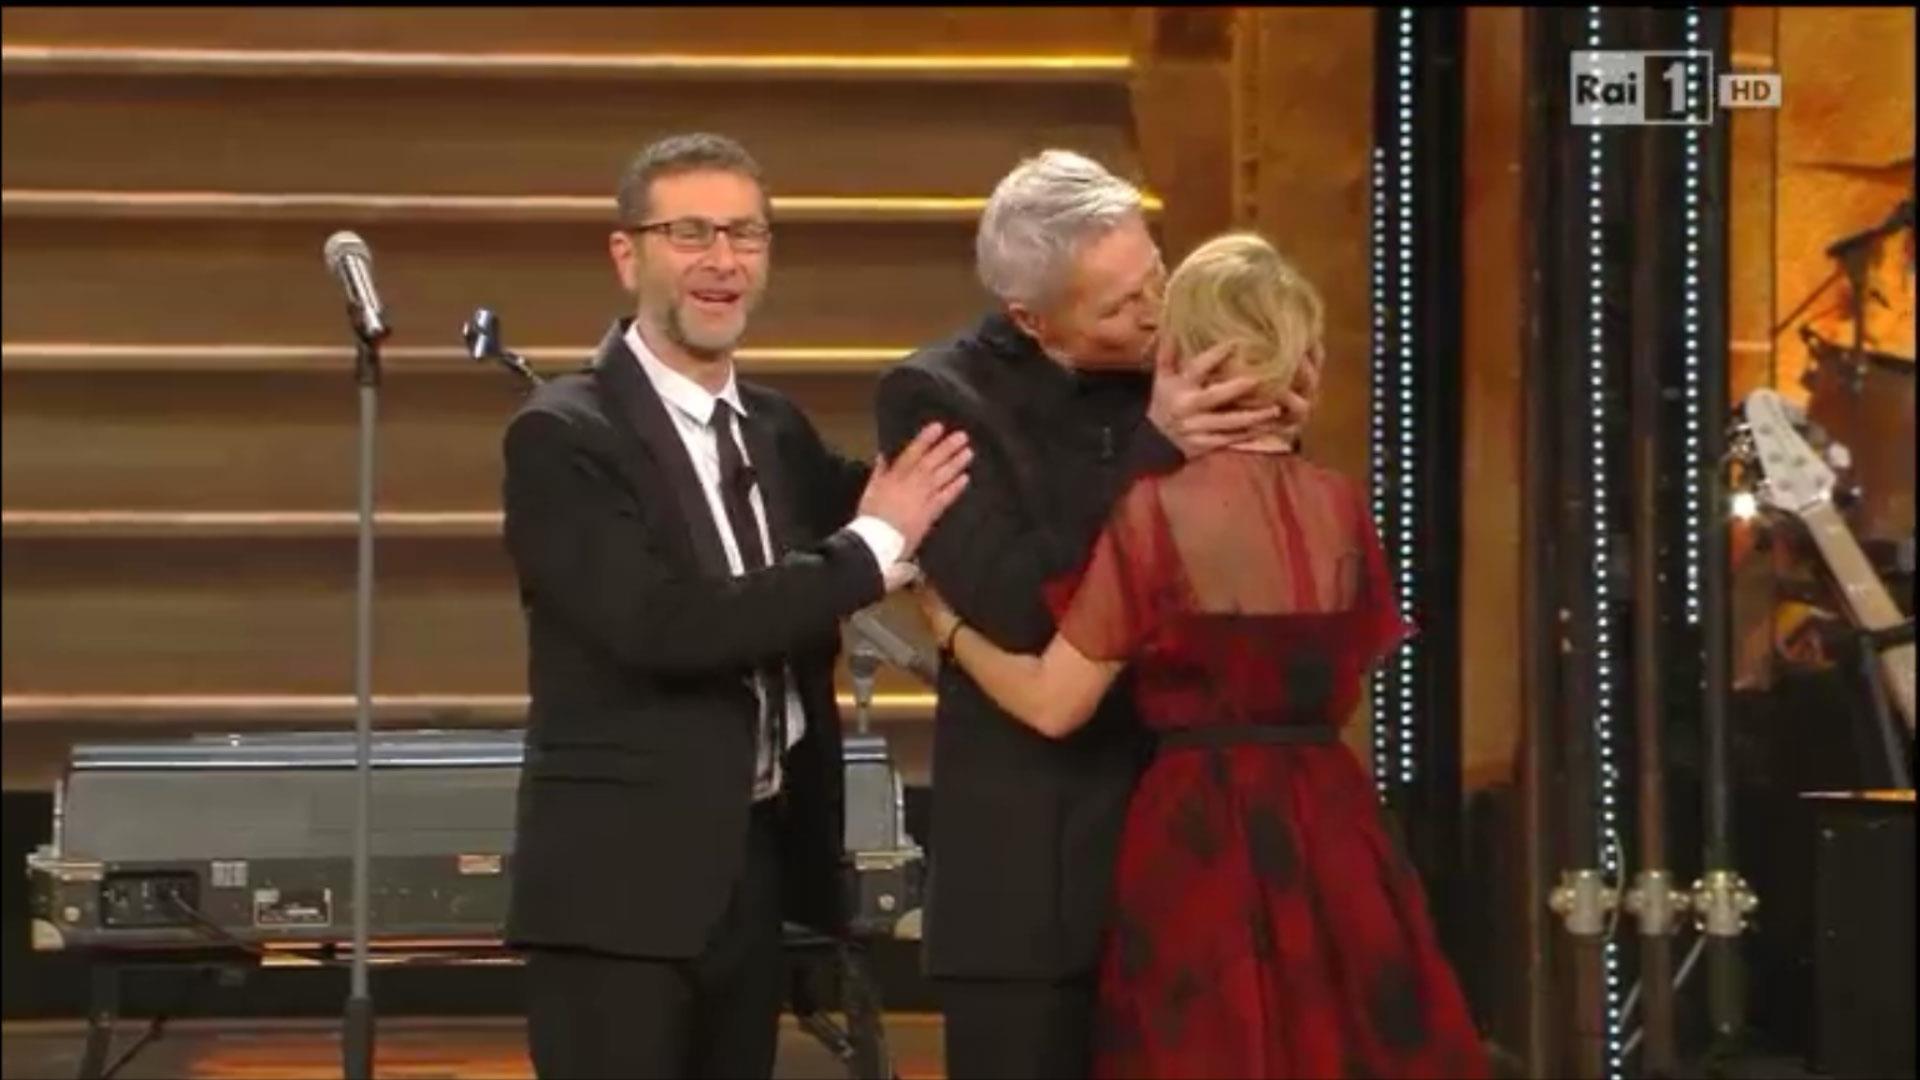 Claudio Baglioni saluta con un bacio Luciana Littizzetto a Sanremo 2014